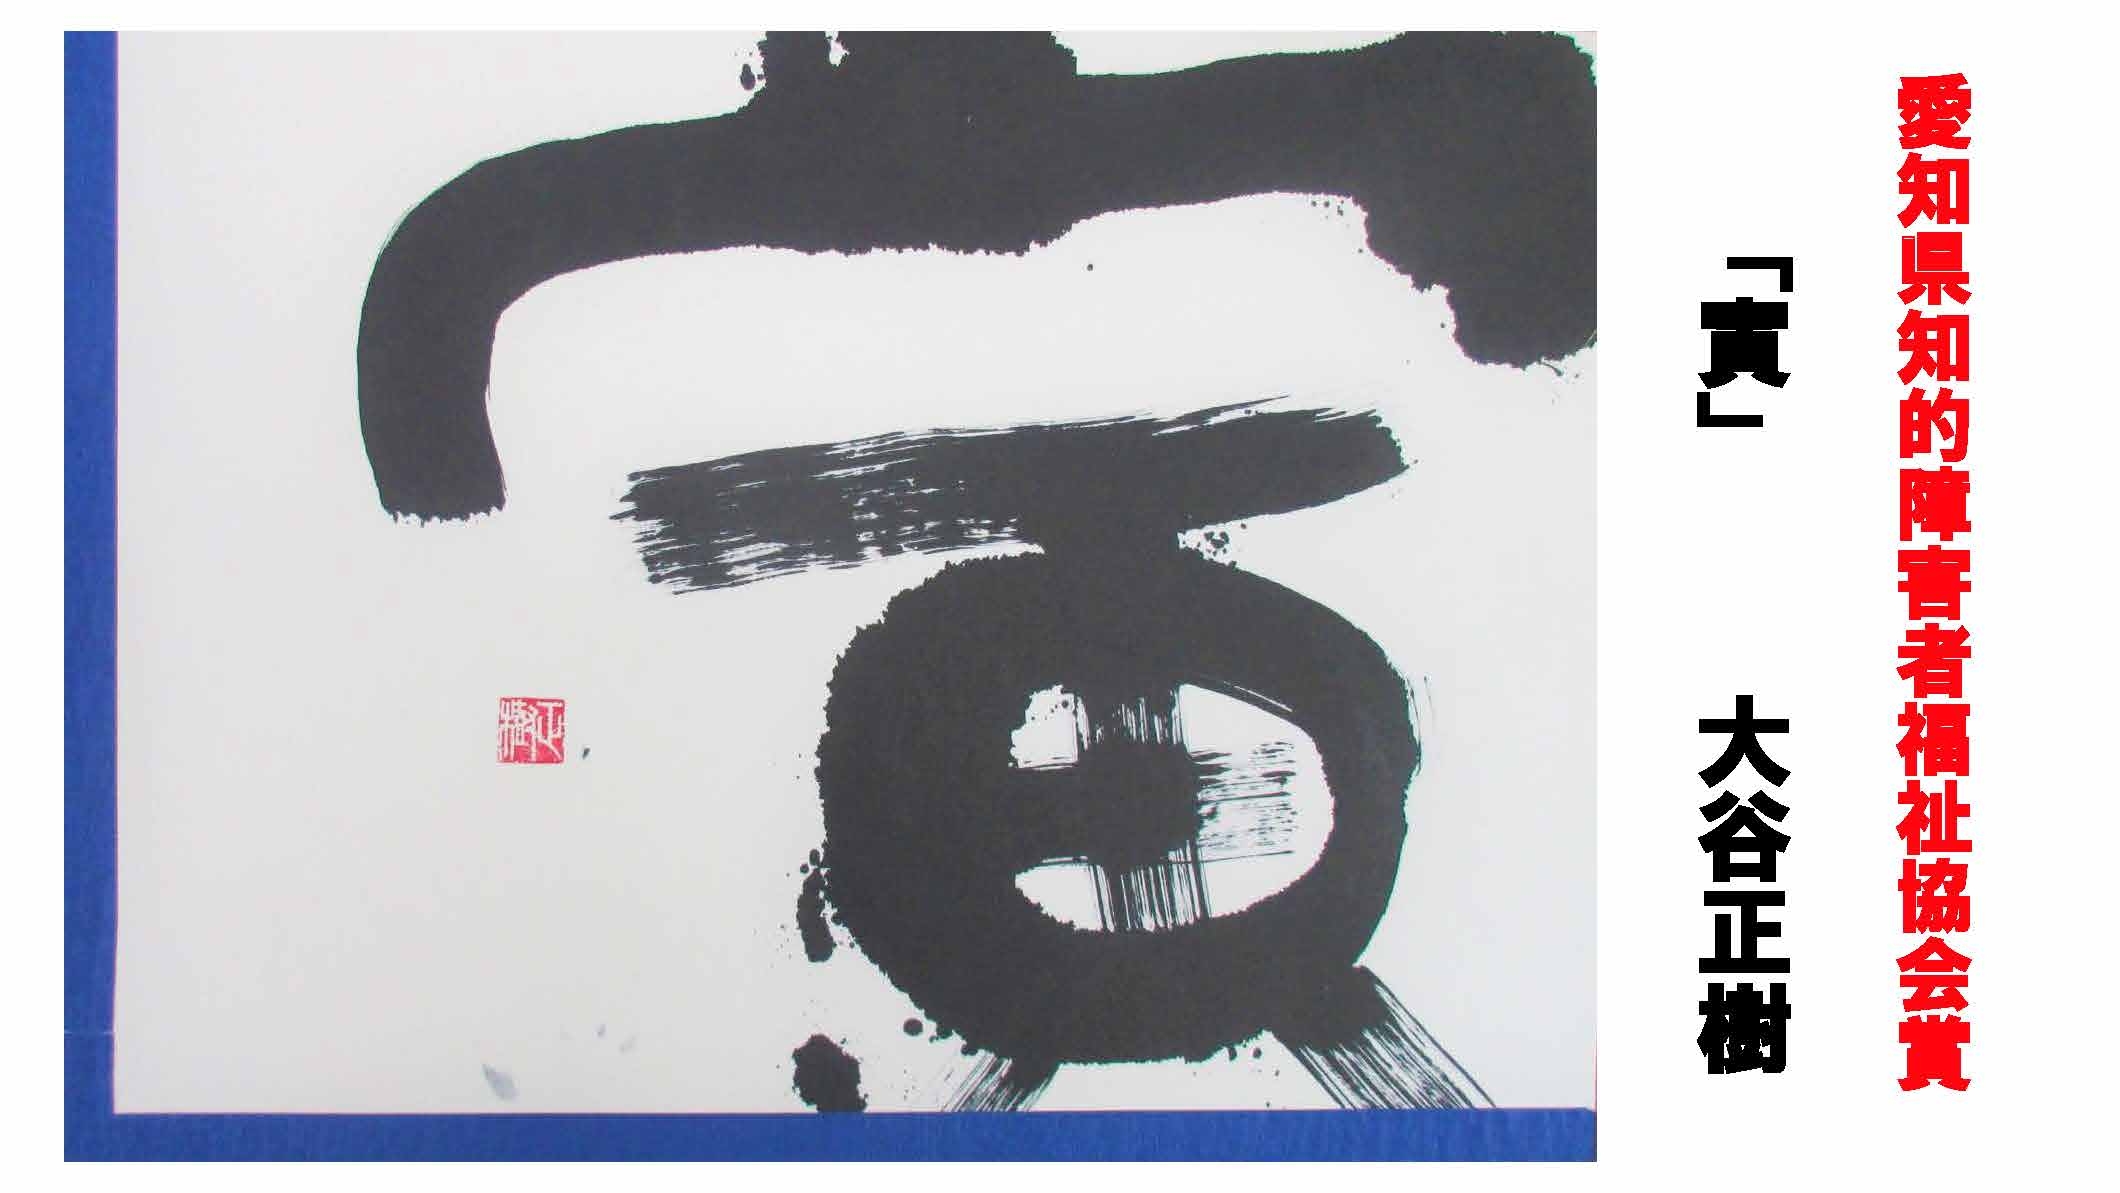 第8回ぼくらのアート展 受賞作品集(印刷用)_ページ_04